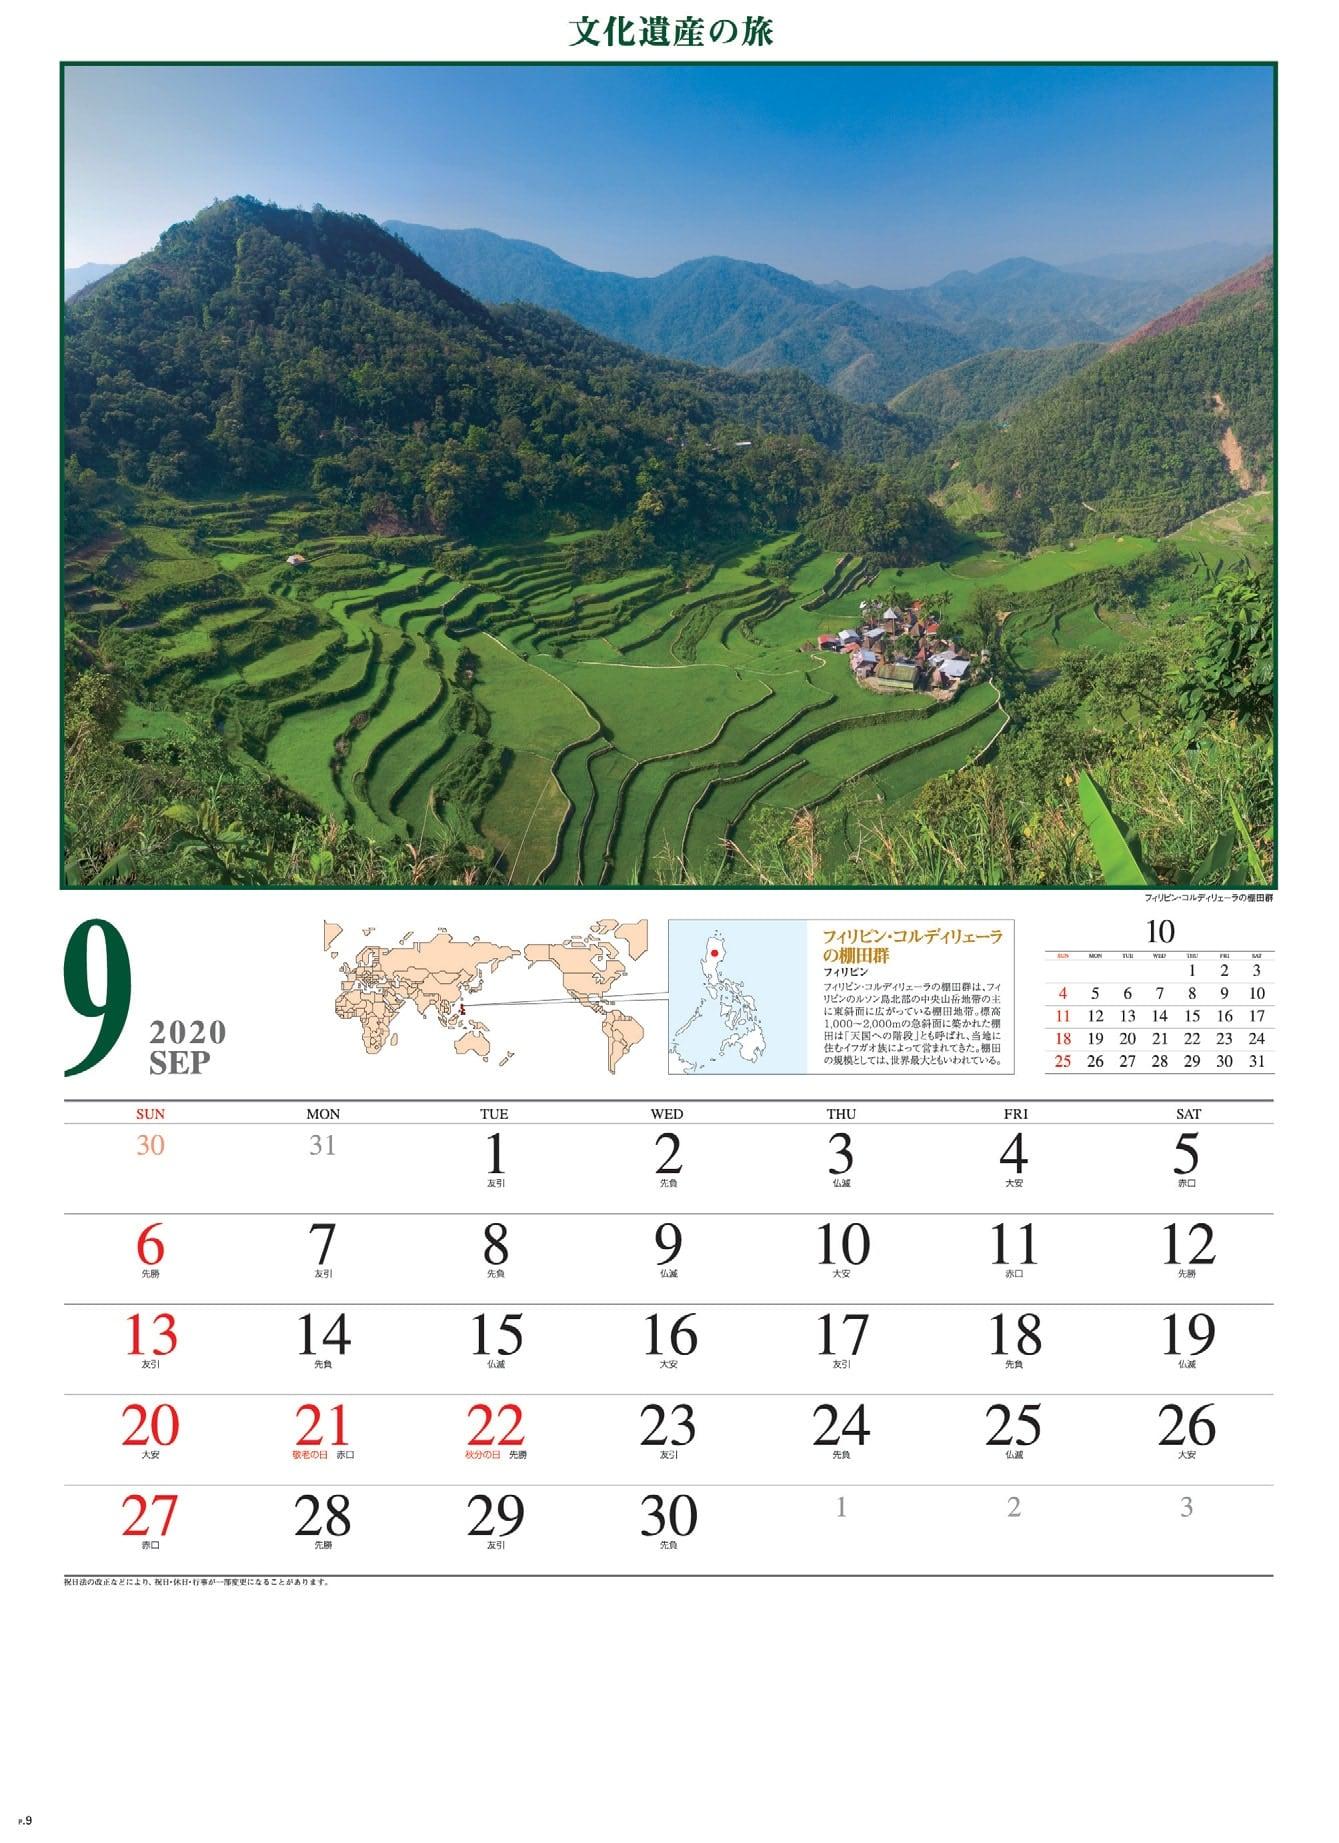 画像:フィリピン・コルディリェーラの棚田群(フィリピン) 文化遺産の旅(ユネスコ世界遺産) 2020年カレンダー